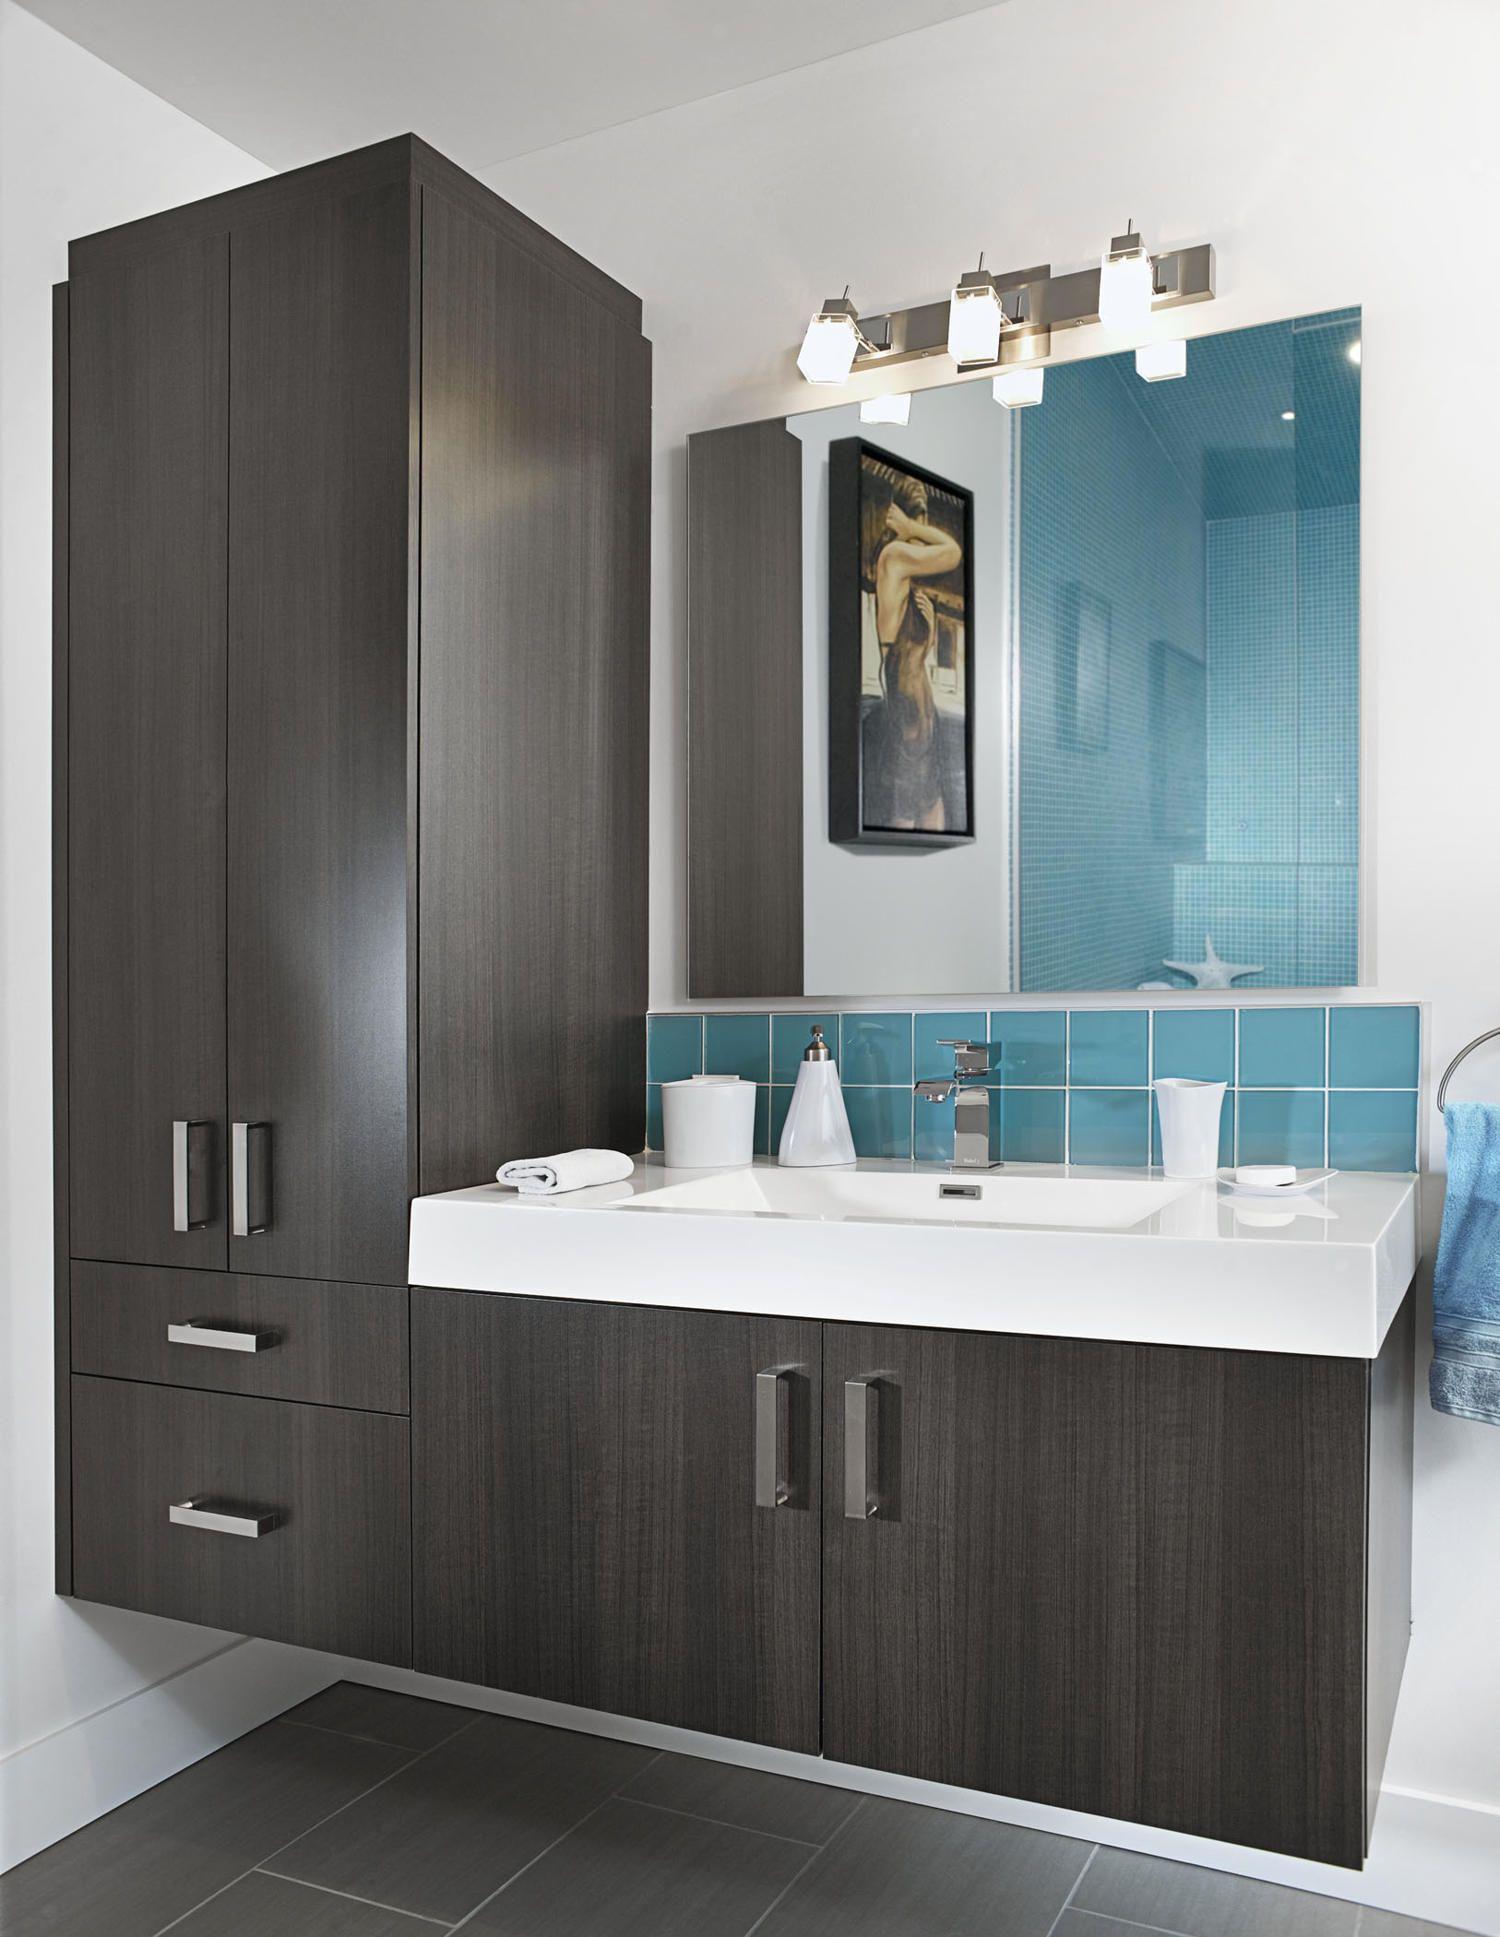 Corail noir Vanité Mélamine Quartz | SDB en 2019 | Salle de bain ...